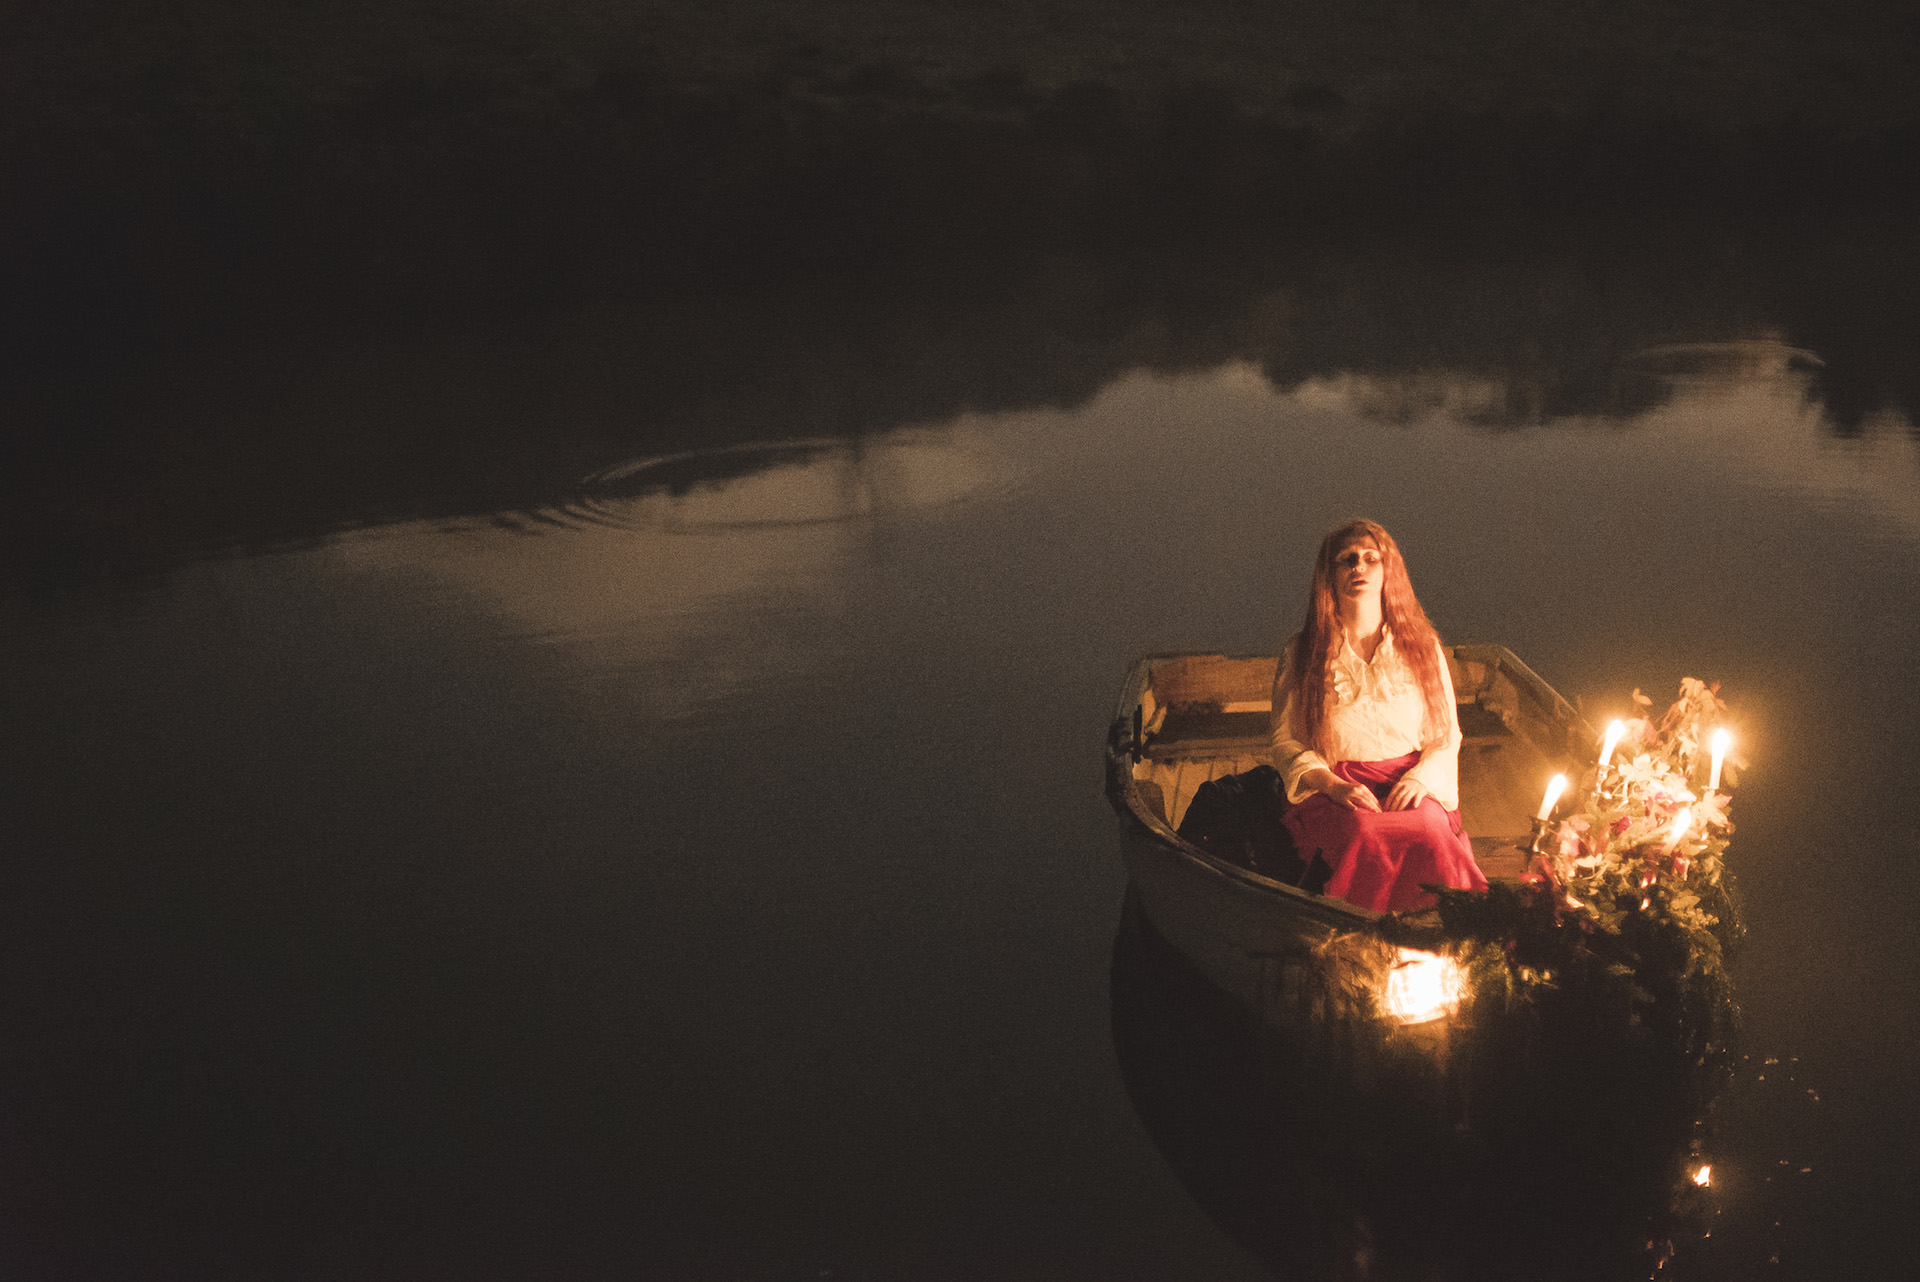 Lady of Shalott - Candlelight